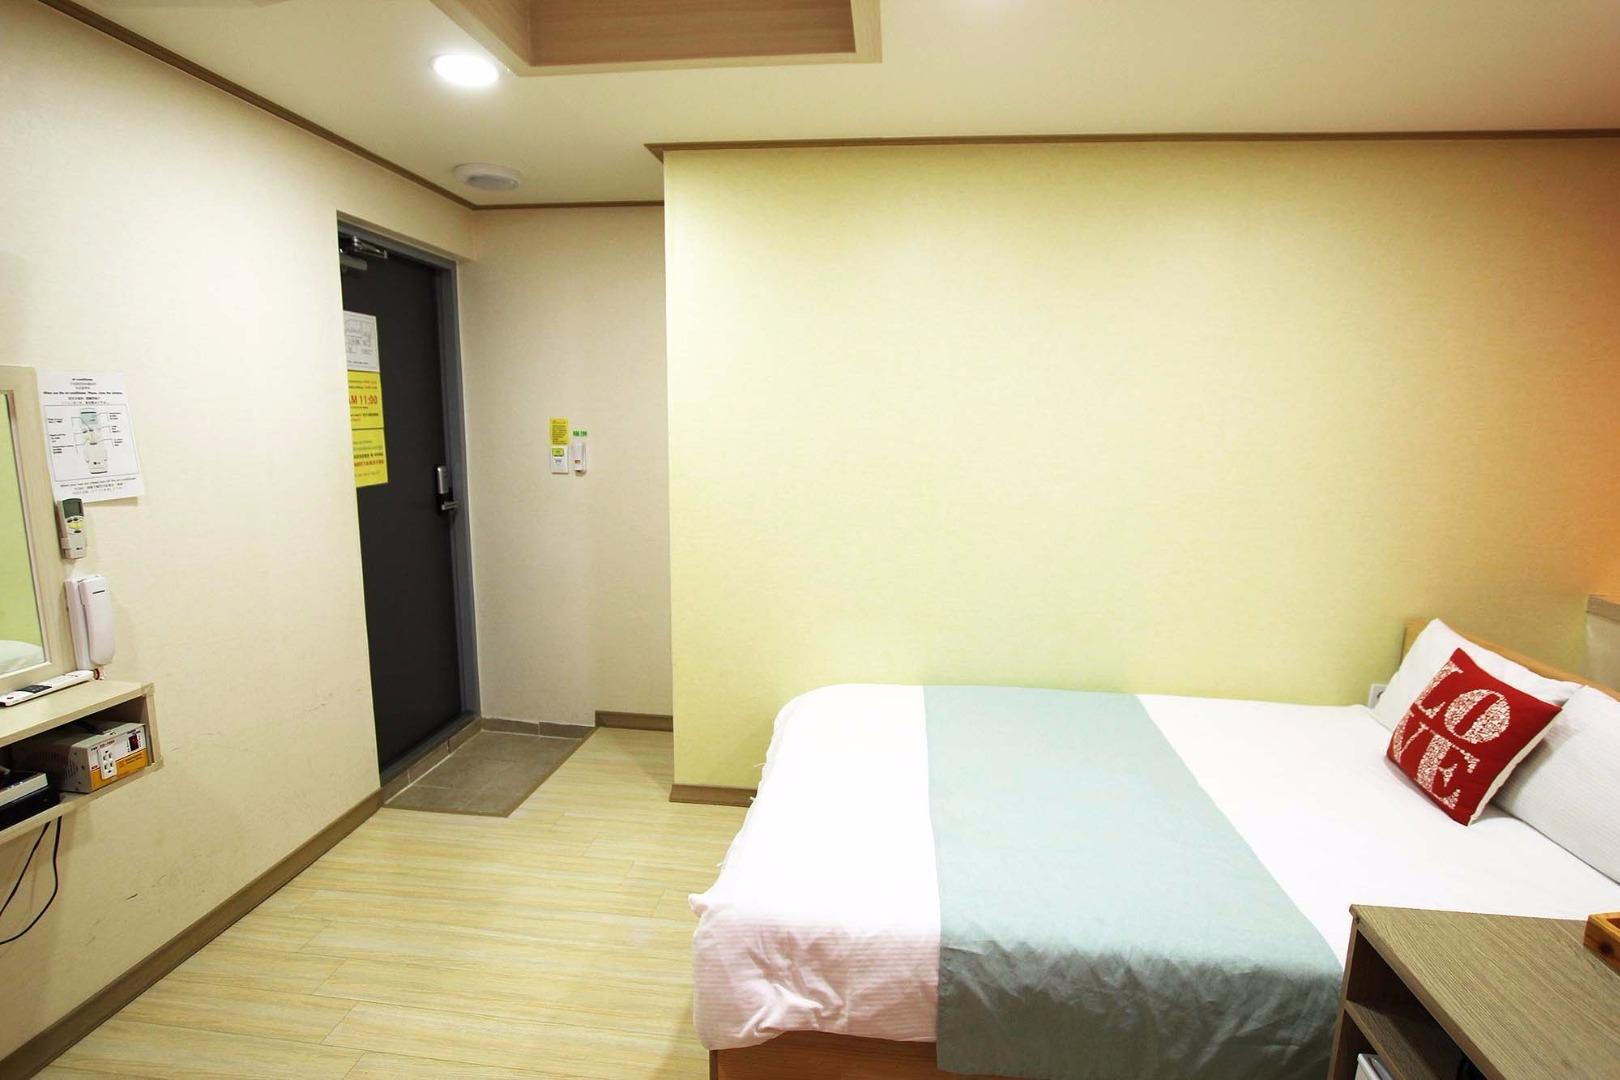 105 相片來源:韓國首爾民宿 KoTa House